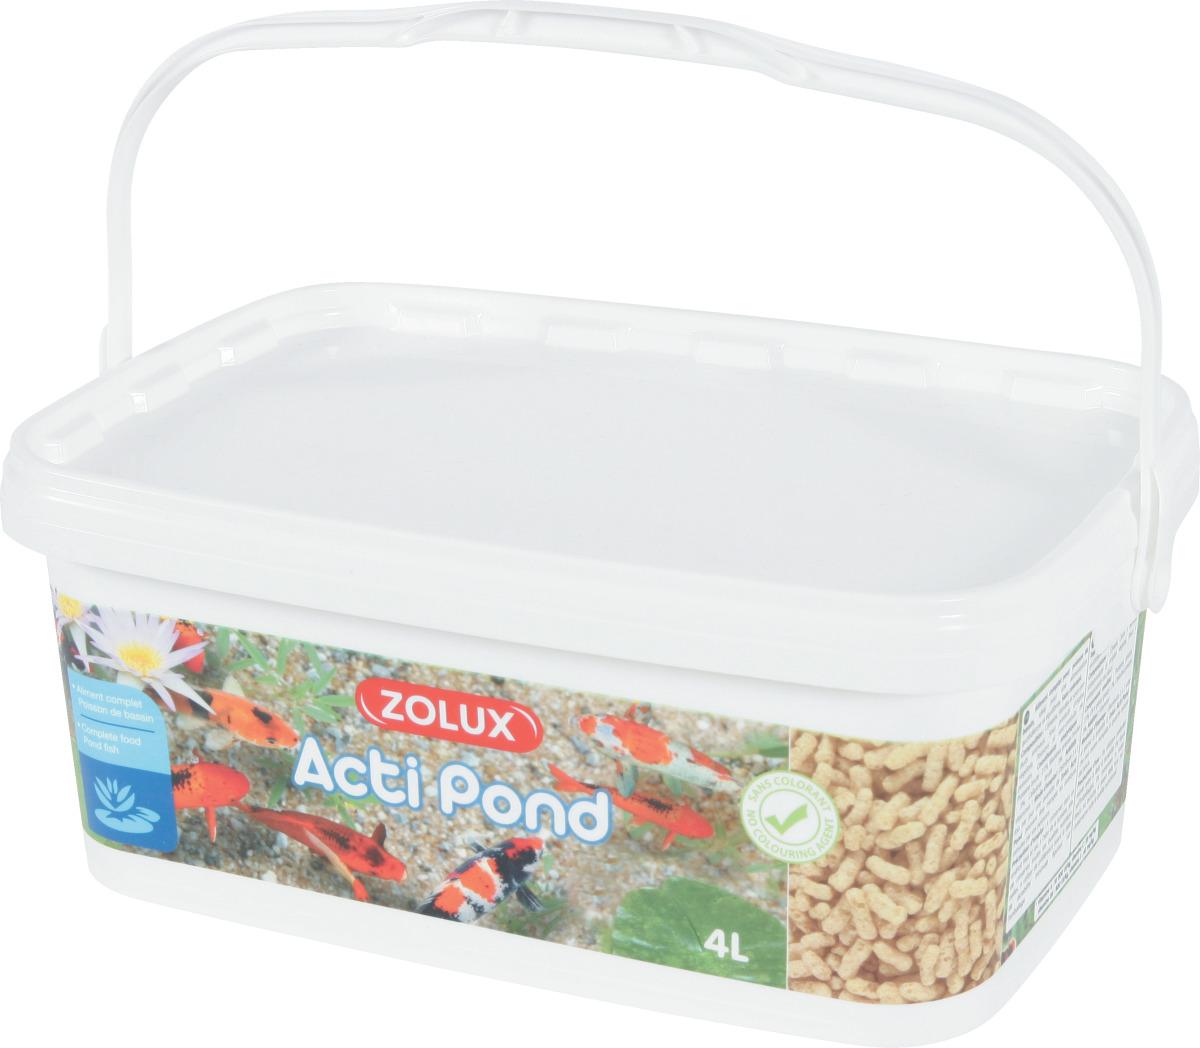 ZOLUX Acti Pond Stick Standard 4L aliment en sticks complet et équilibré pour tous poissons de bassin